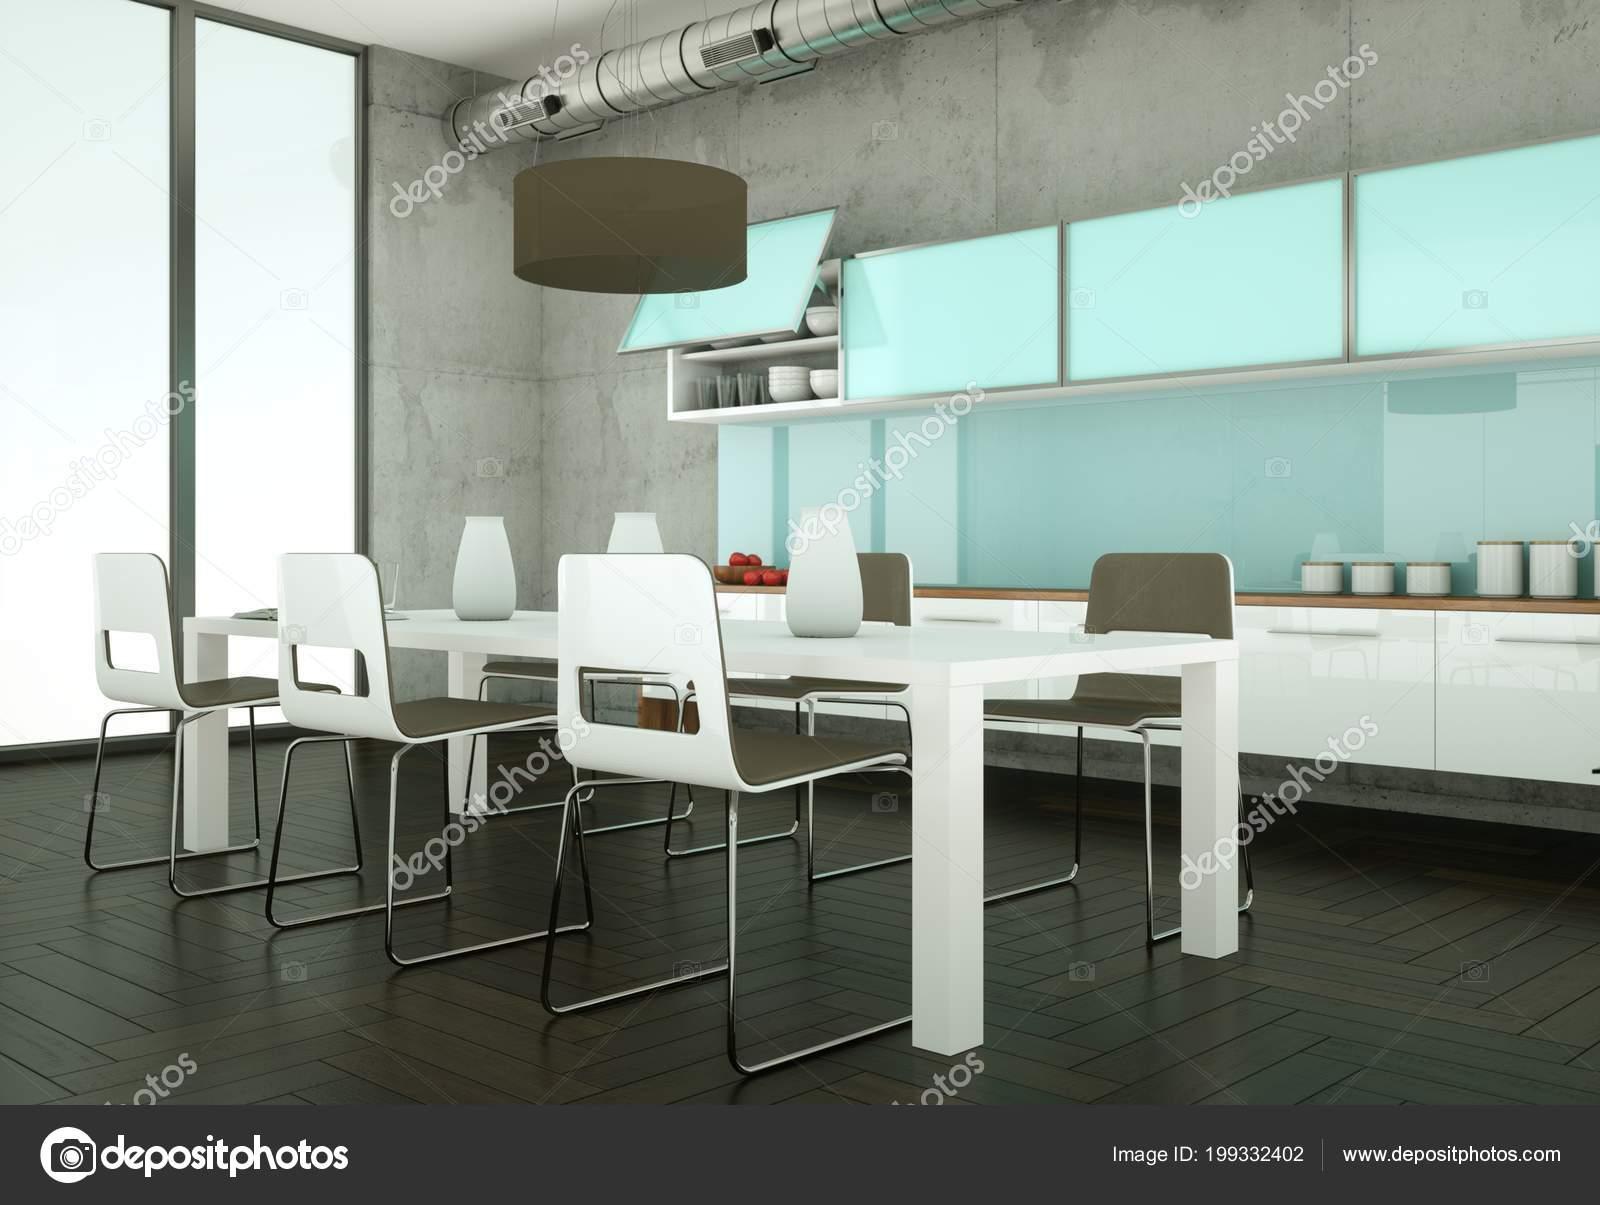 Keuken Beton Moderne : Heldere moderne keuken in een kamer met betonnen wand u2014 stockfoto